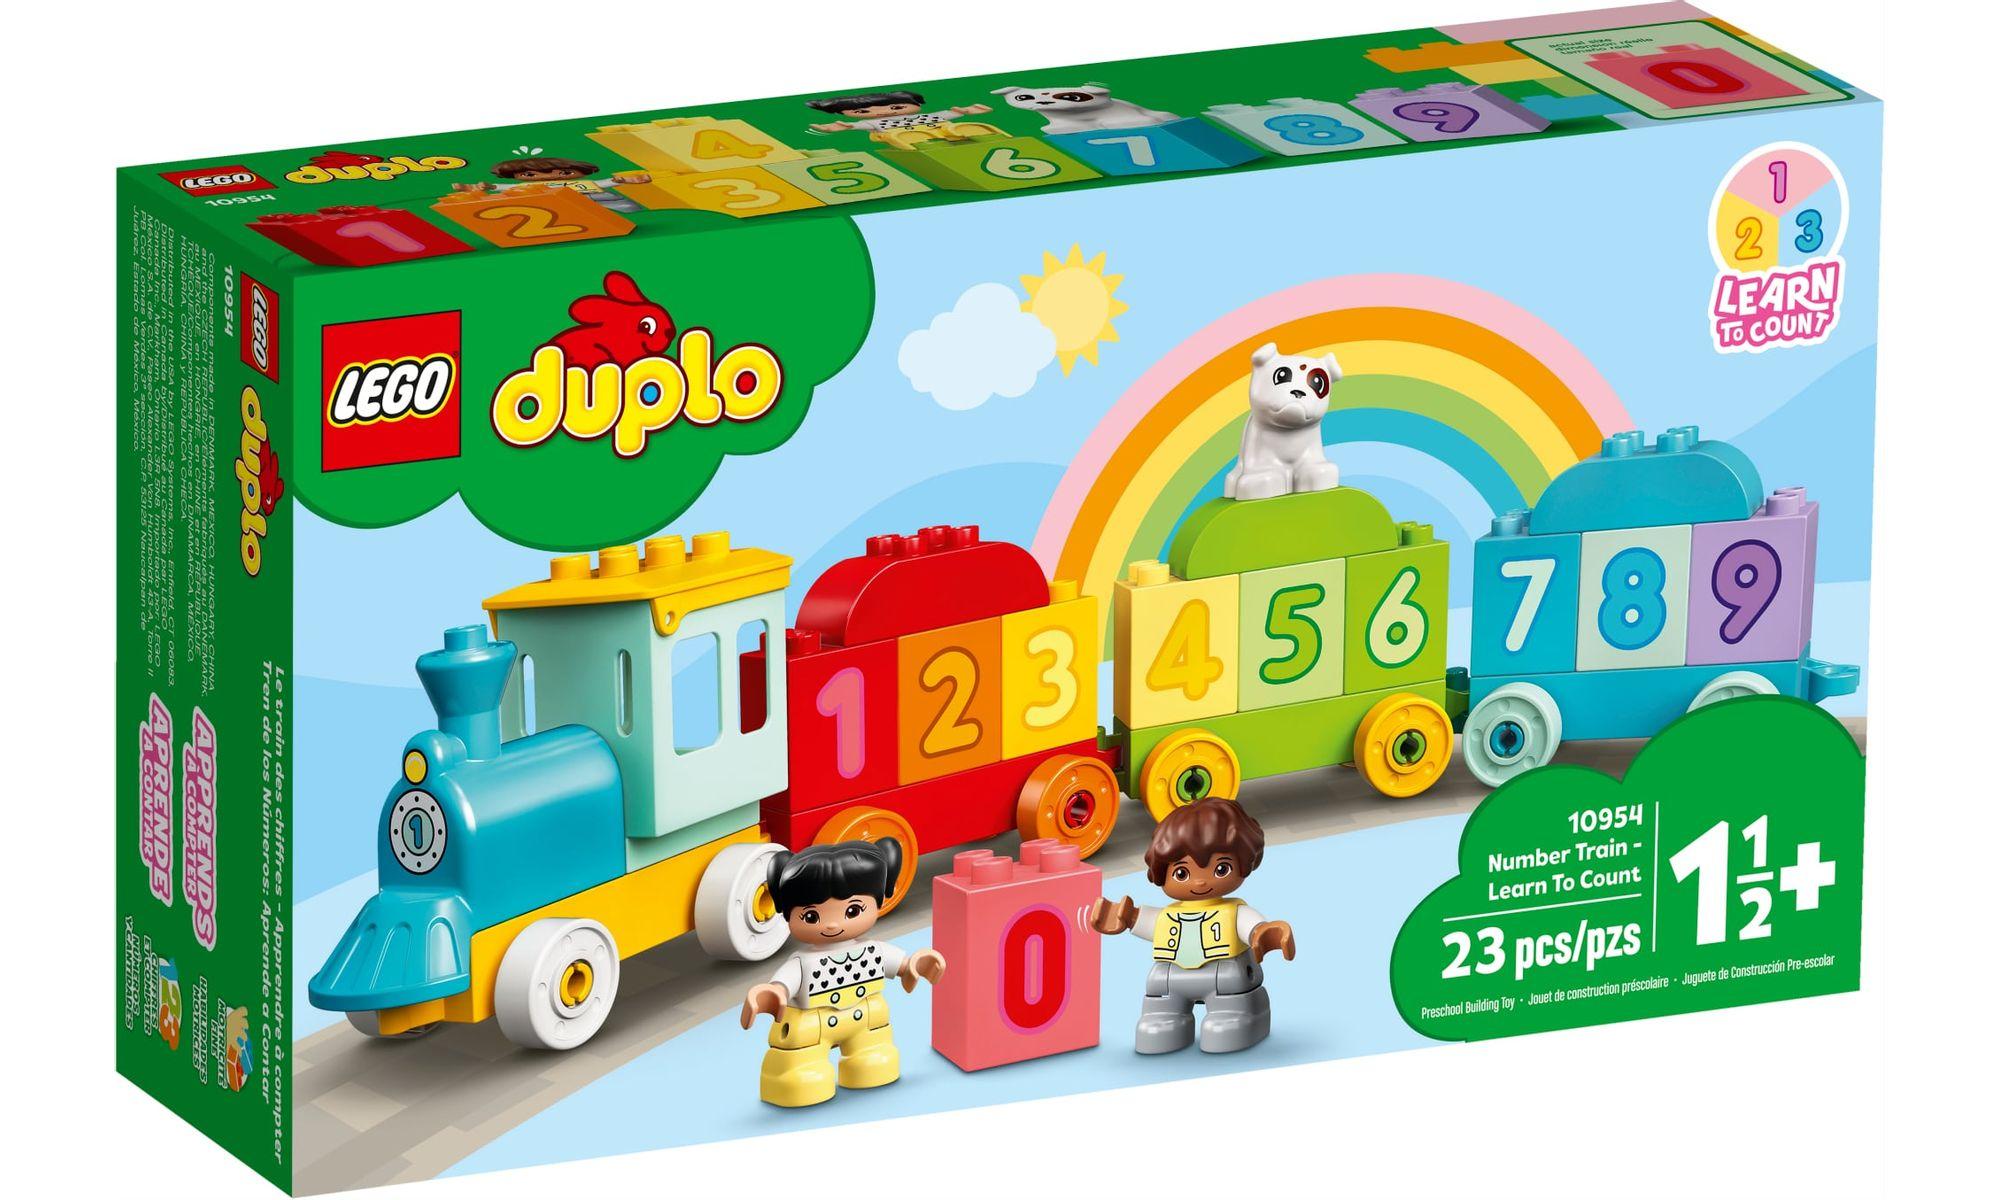 LEGO DUPLO - Trem dos Números - Aprender a Contar